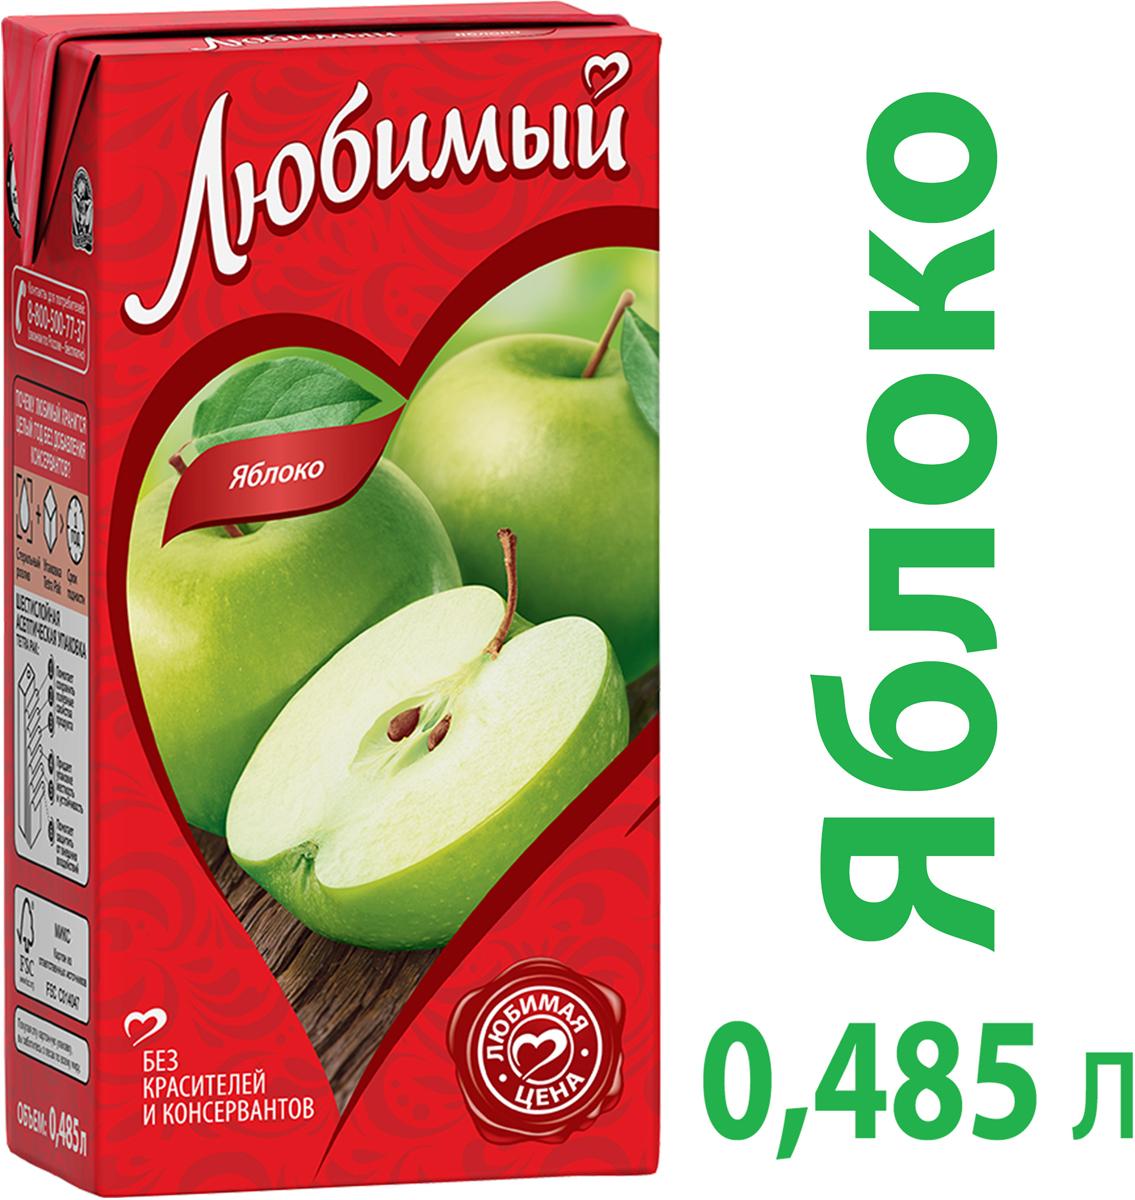 Любимый Яблоко нектар осветленный, 0,485 л340024781Любимый – это нектары, соковые напитки, а также сиропы на любой вкус по доступной цене. Они бережно сохраняют настоящий вкус и аромат сочных спелых фруктов без использования искусственных красителей и консервантов. В ассортиментной линейке бренда